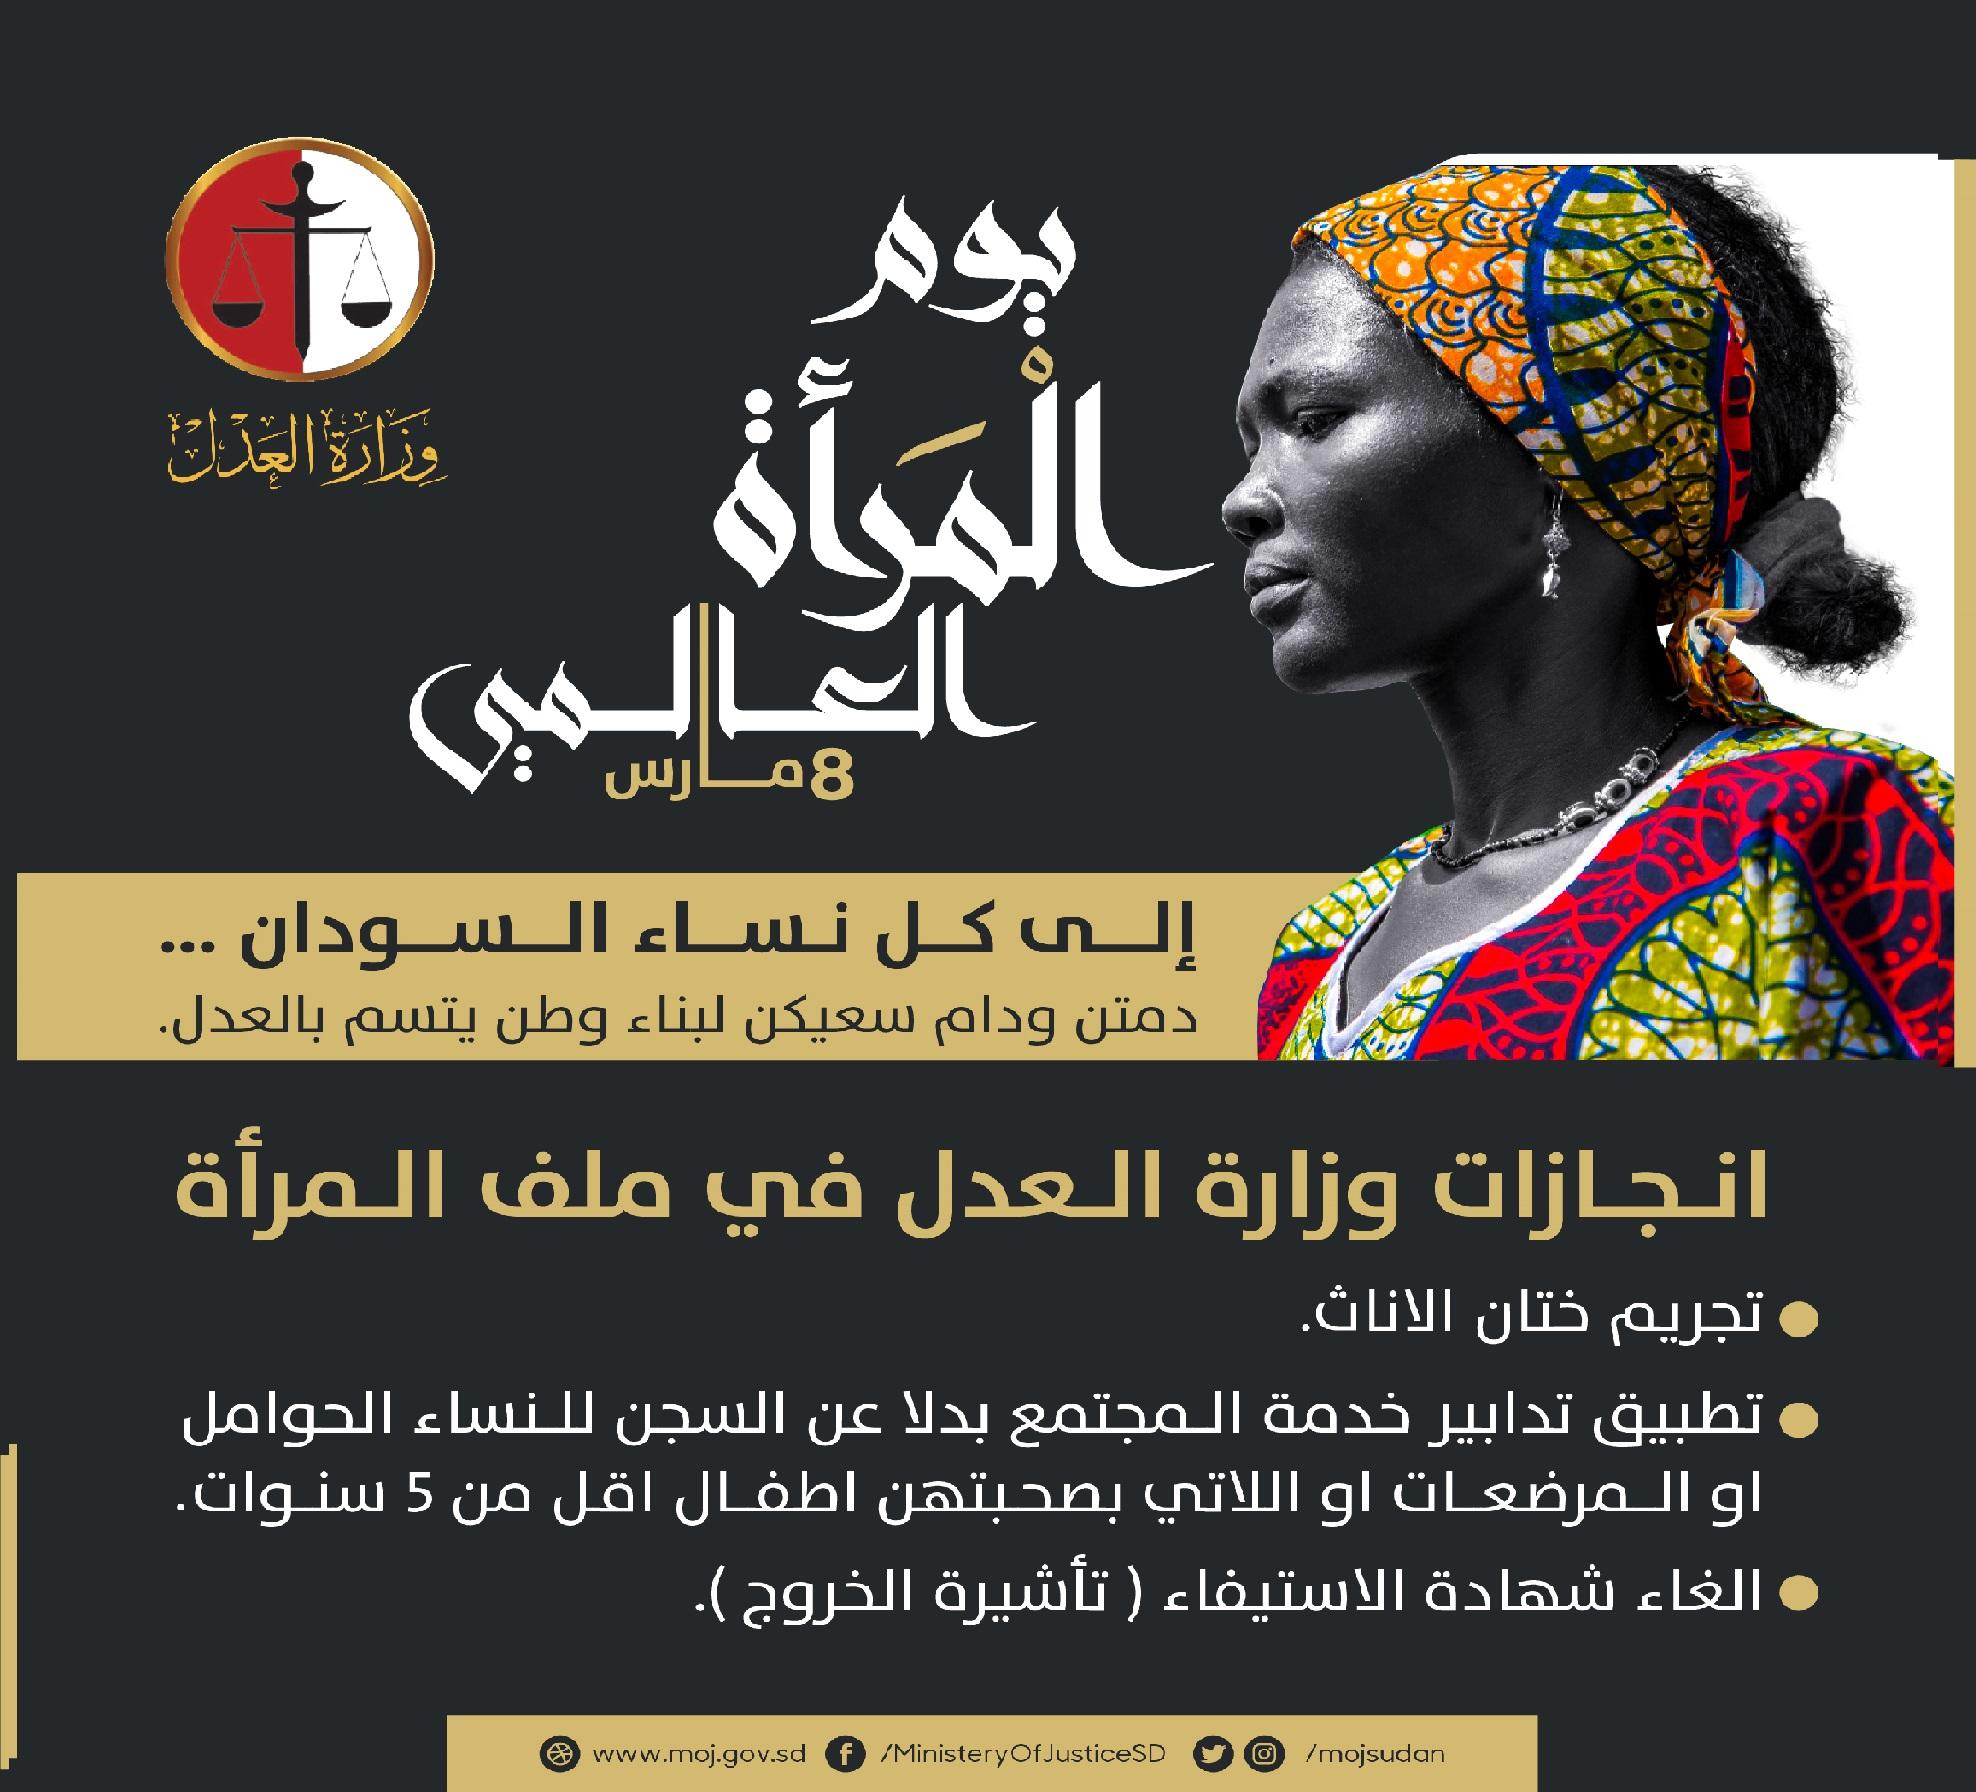 تهنئة وزارة العدل باليوم العالمي للمرأة